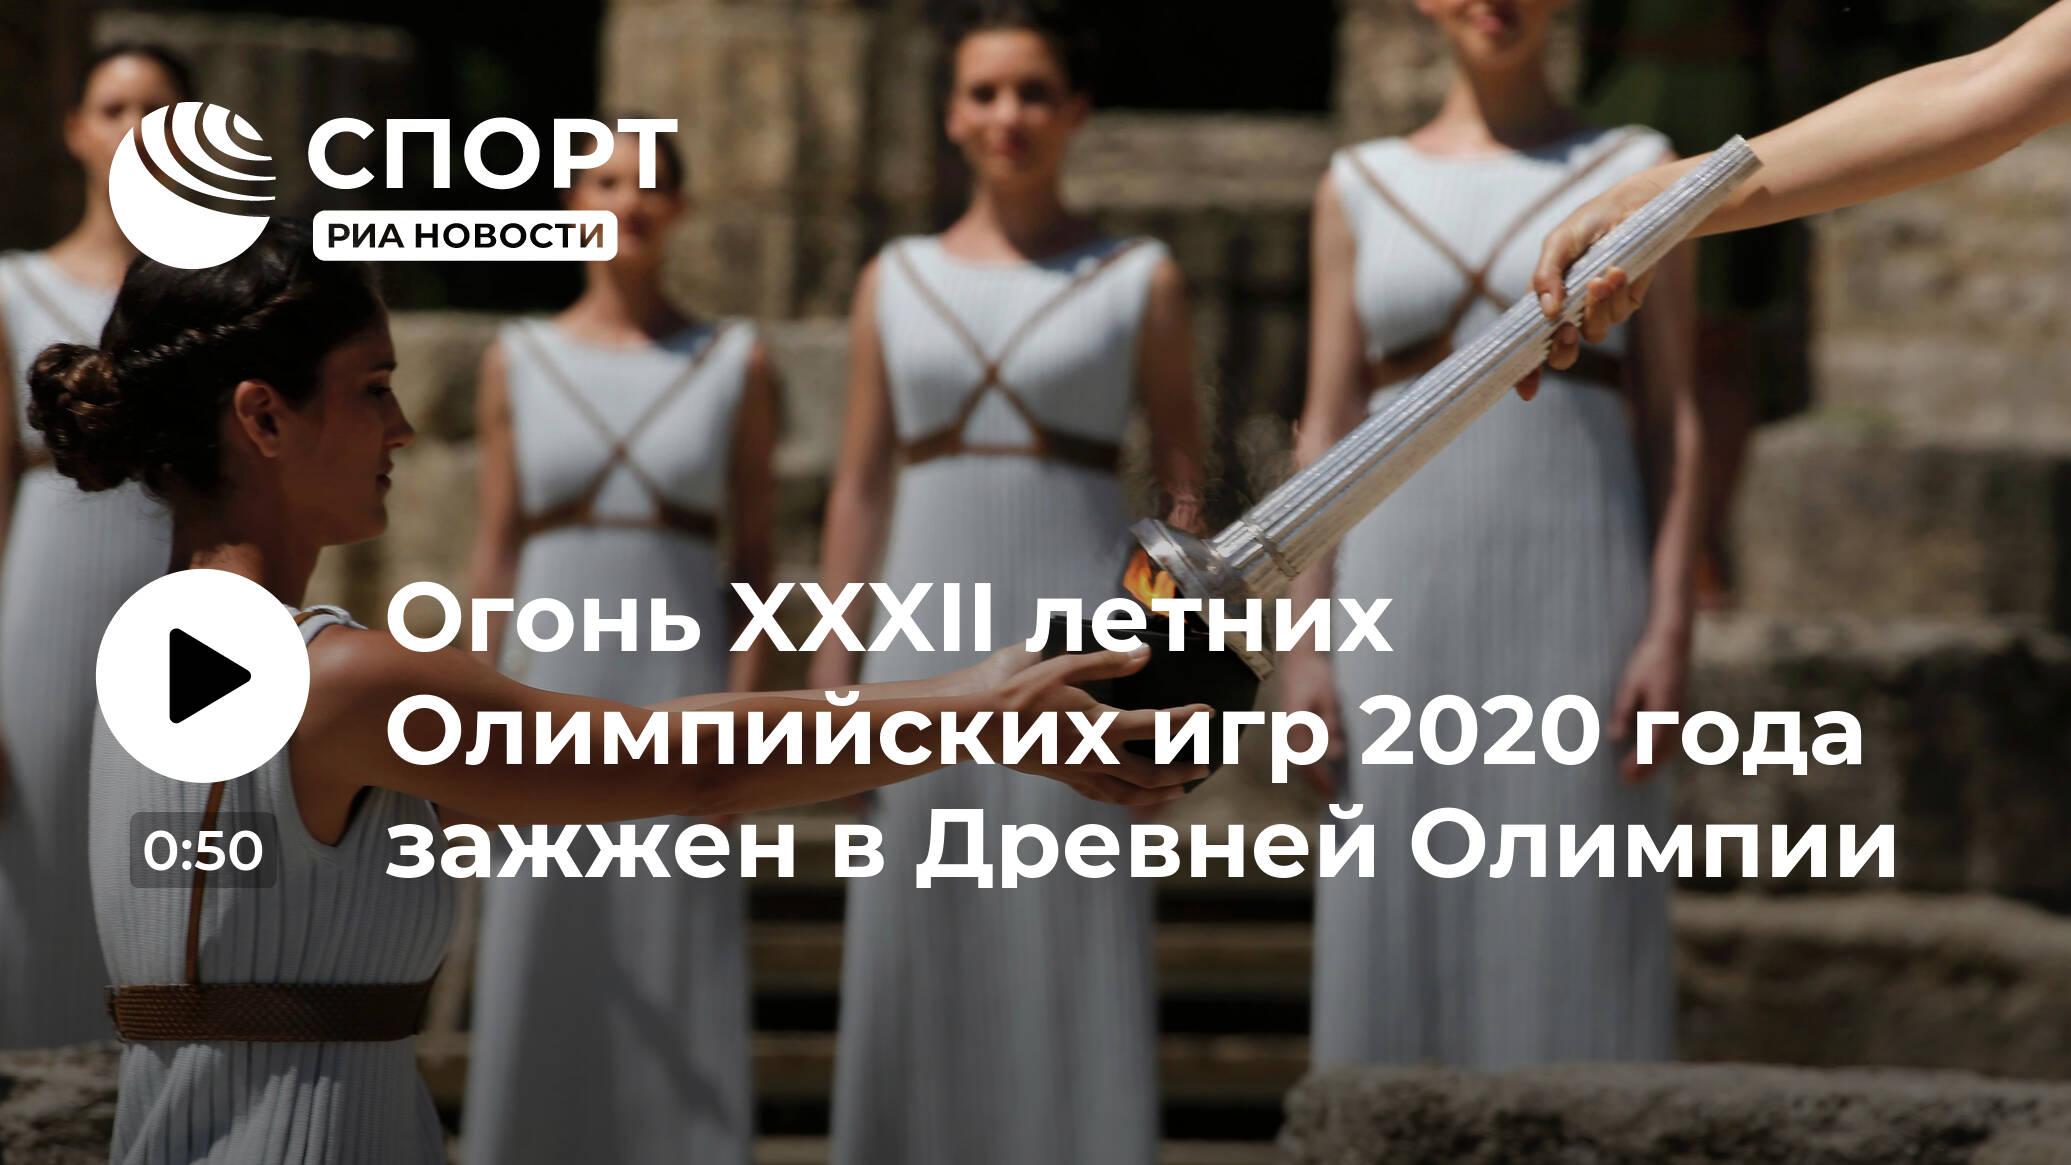 новости 2020 олимпийских игр